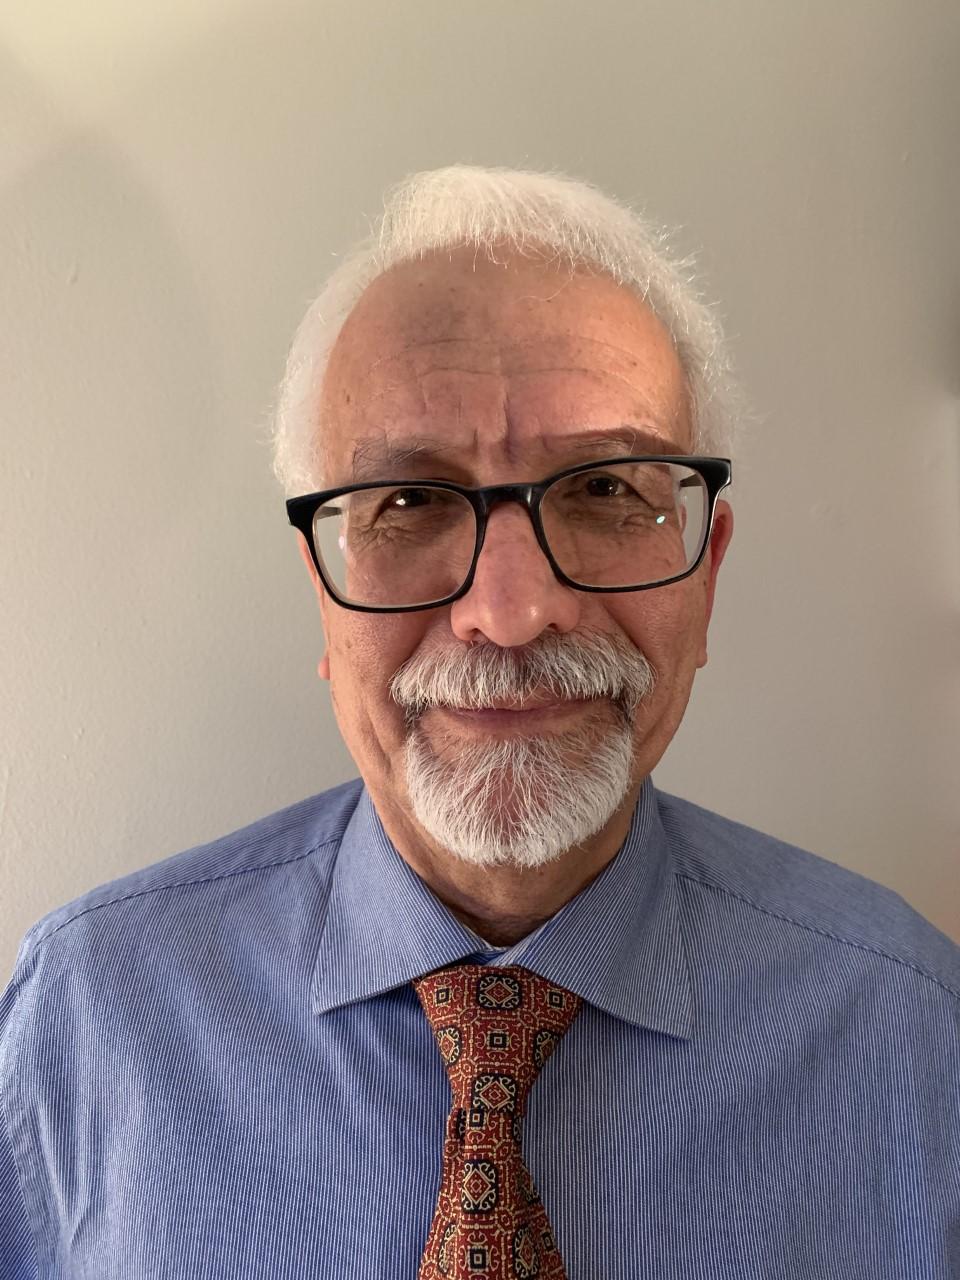 Ahmad Hemami